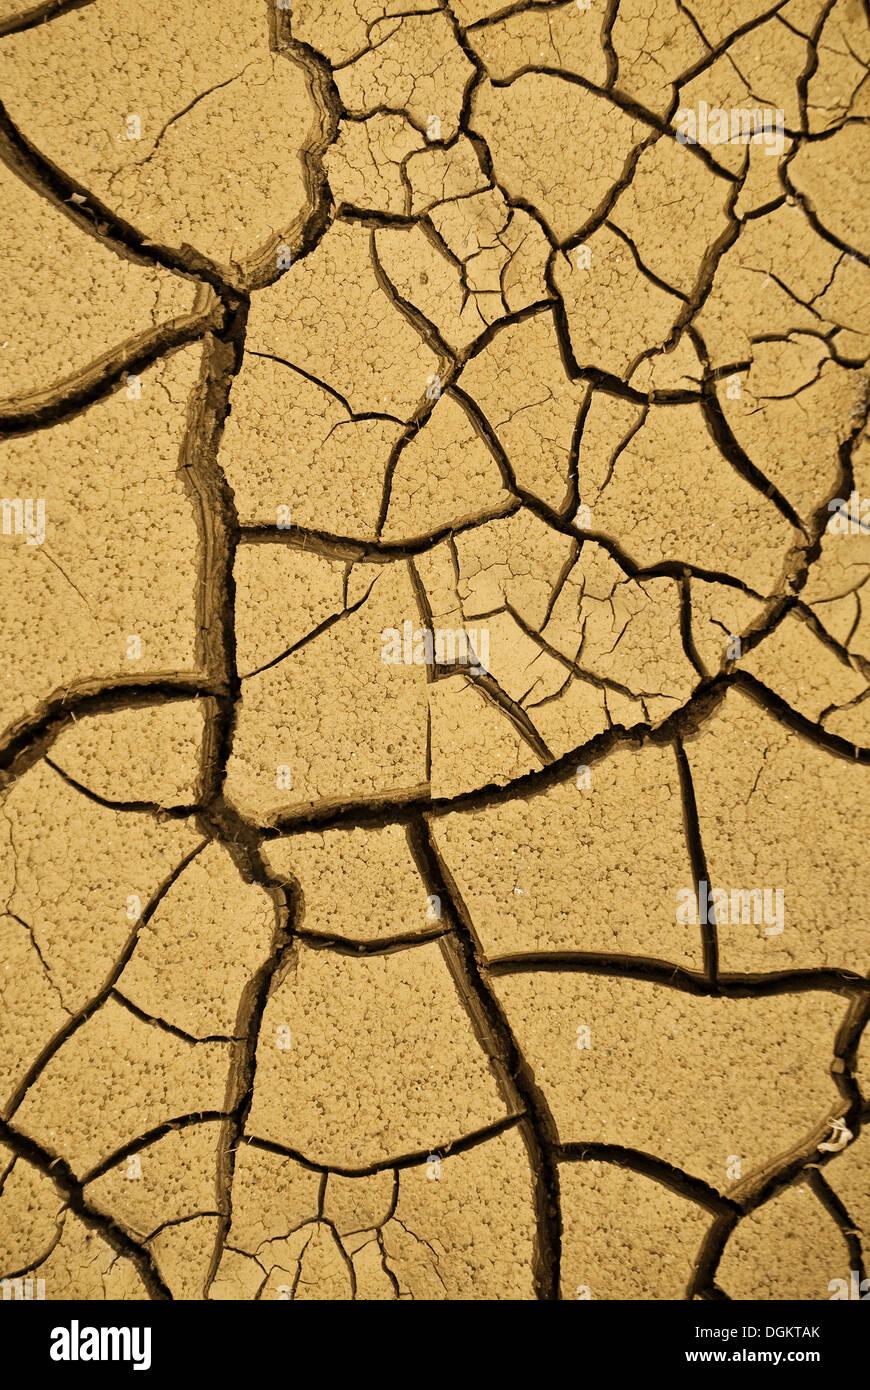 Secco, incrinato fango, immagine simbolica per il cambiamento climatico Immagini Stock